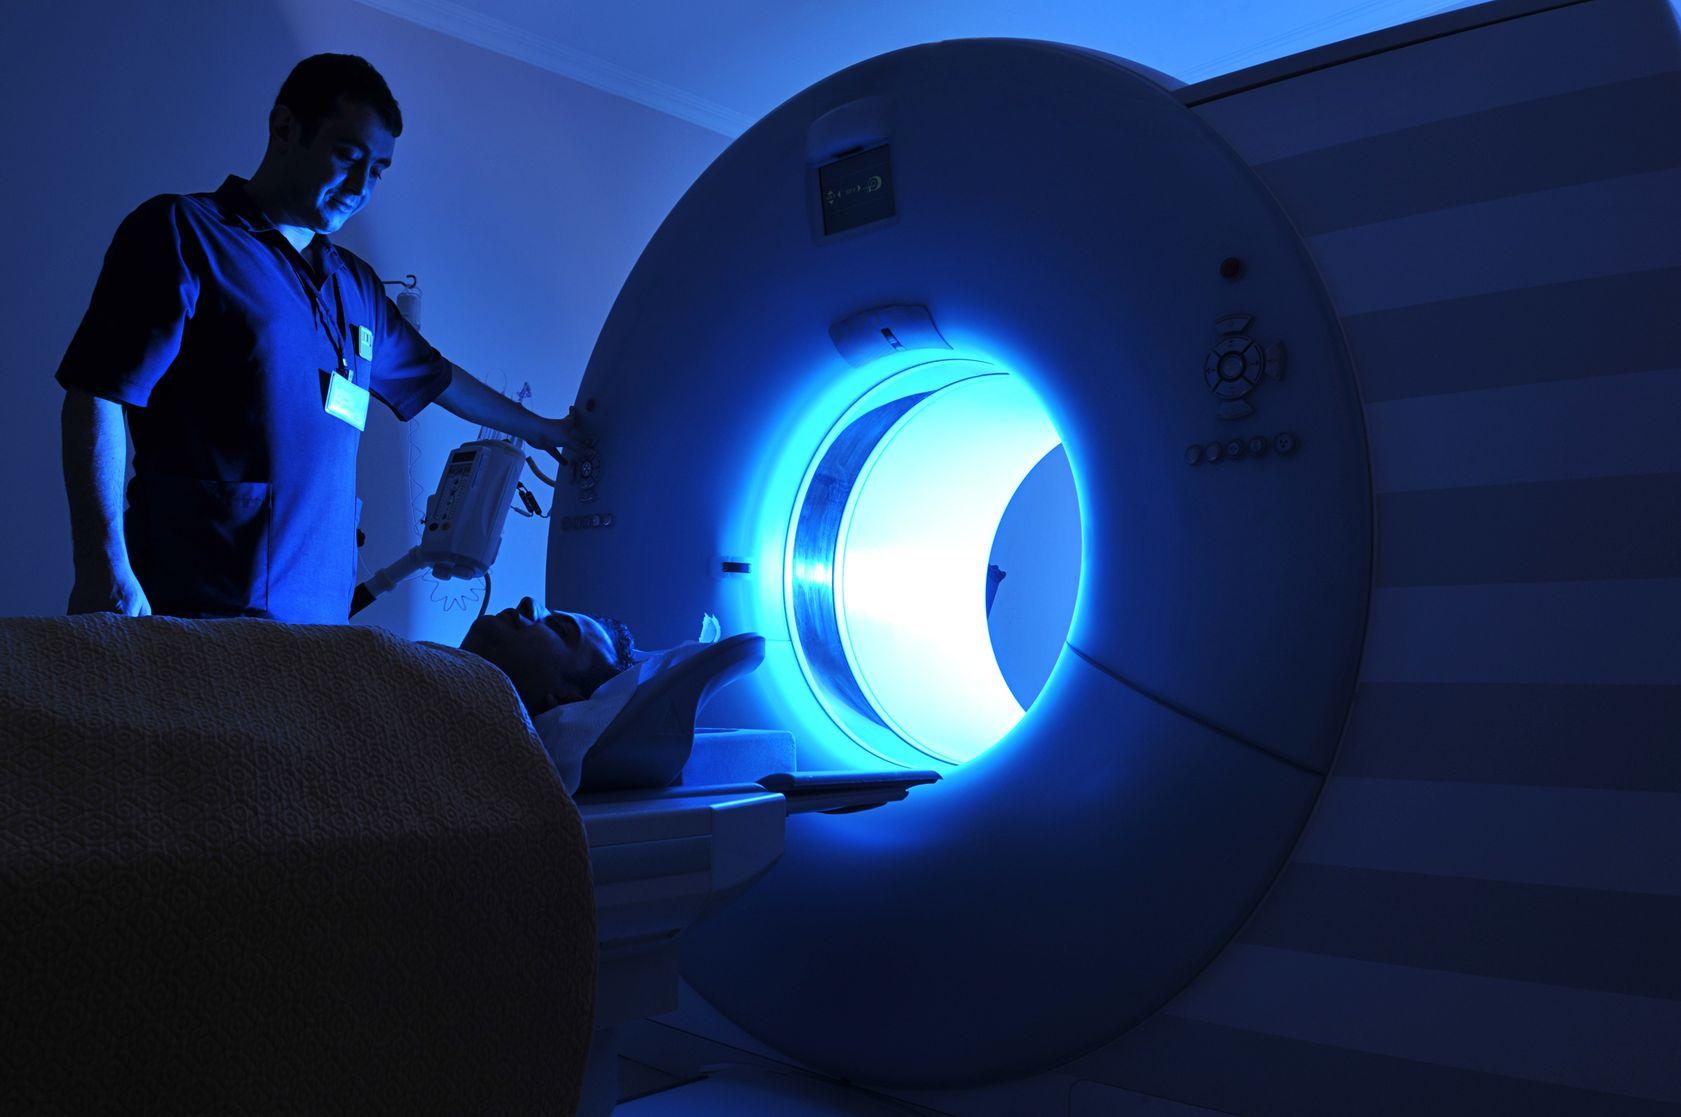 Cómo prepararse para una próstata de resonancia magnética